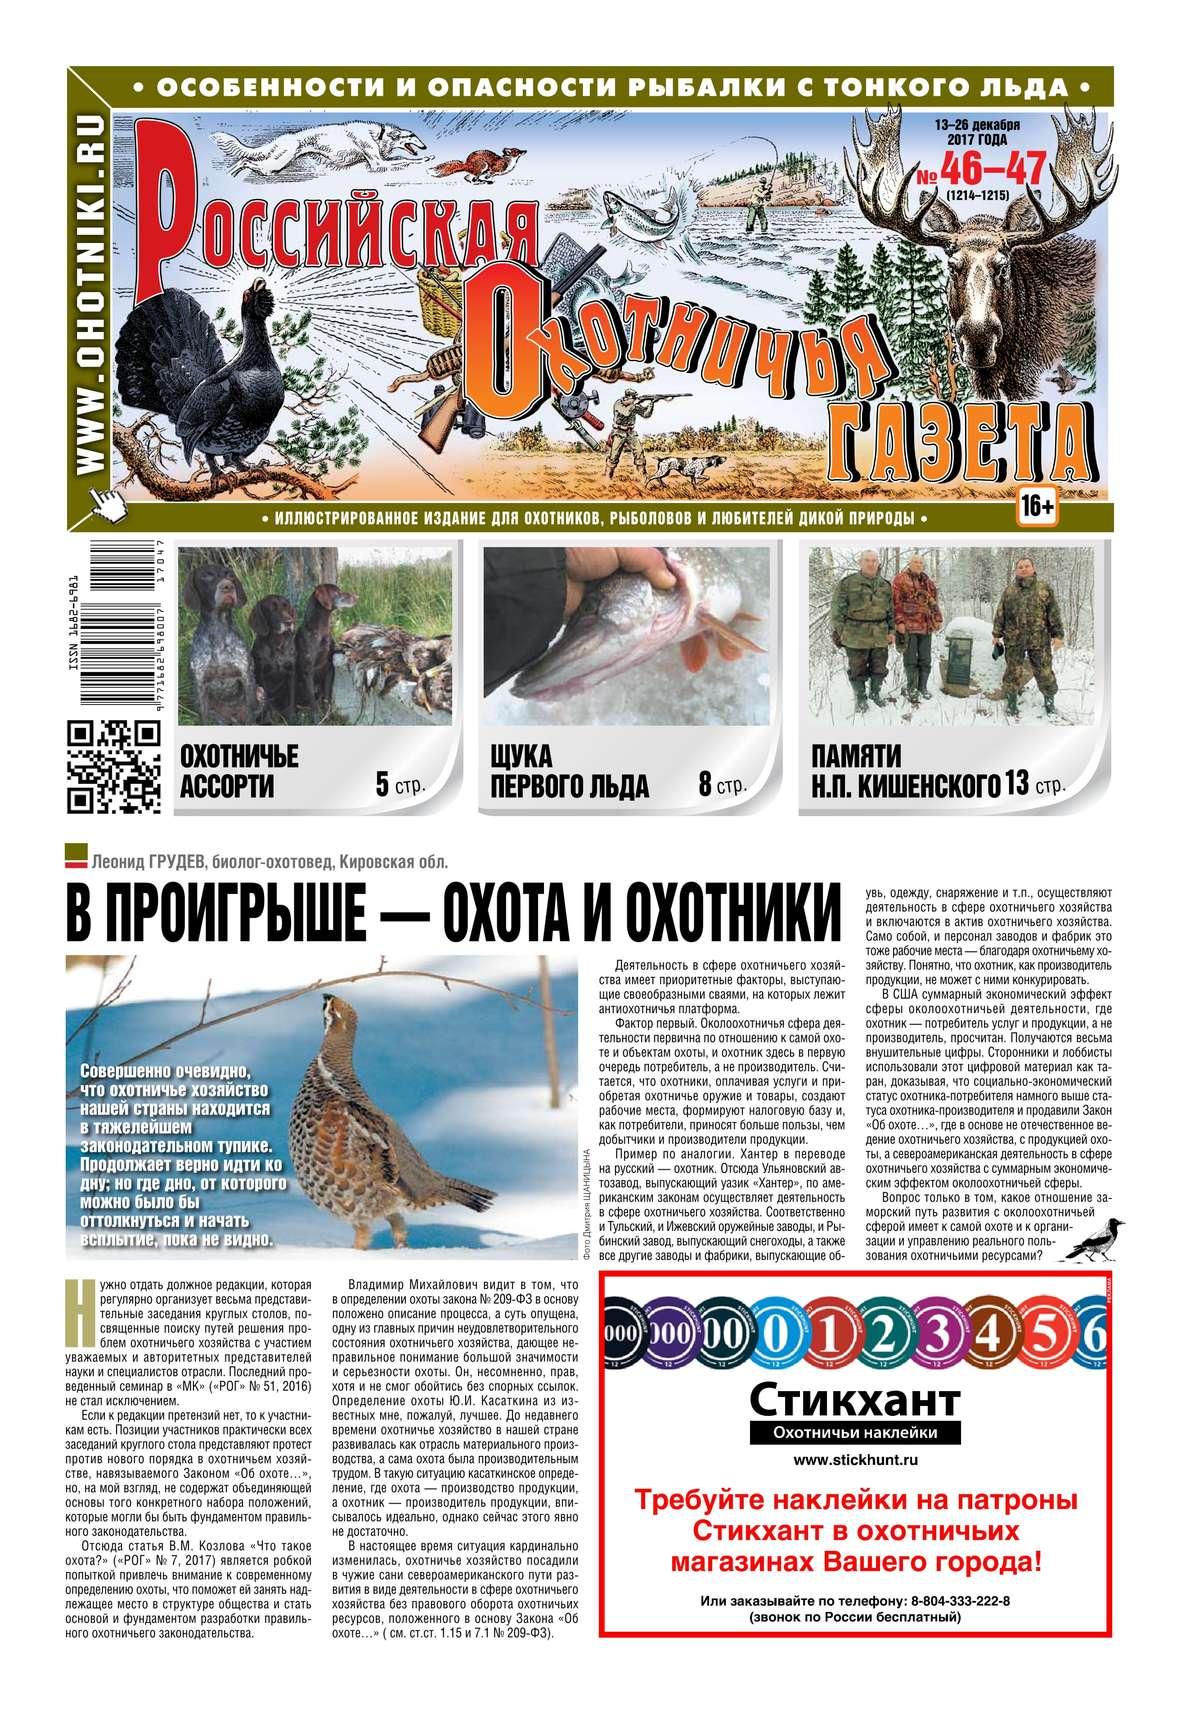 Редакция газеты Российская Охотничья Газета Российская Охотничья Газета 46-47-2017